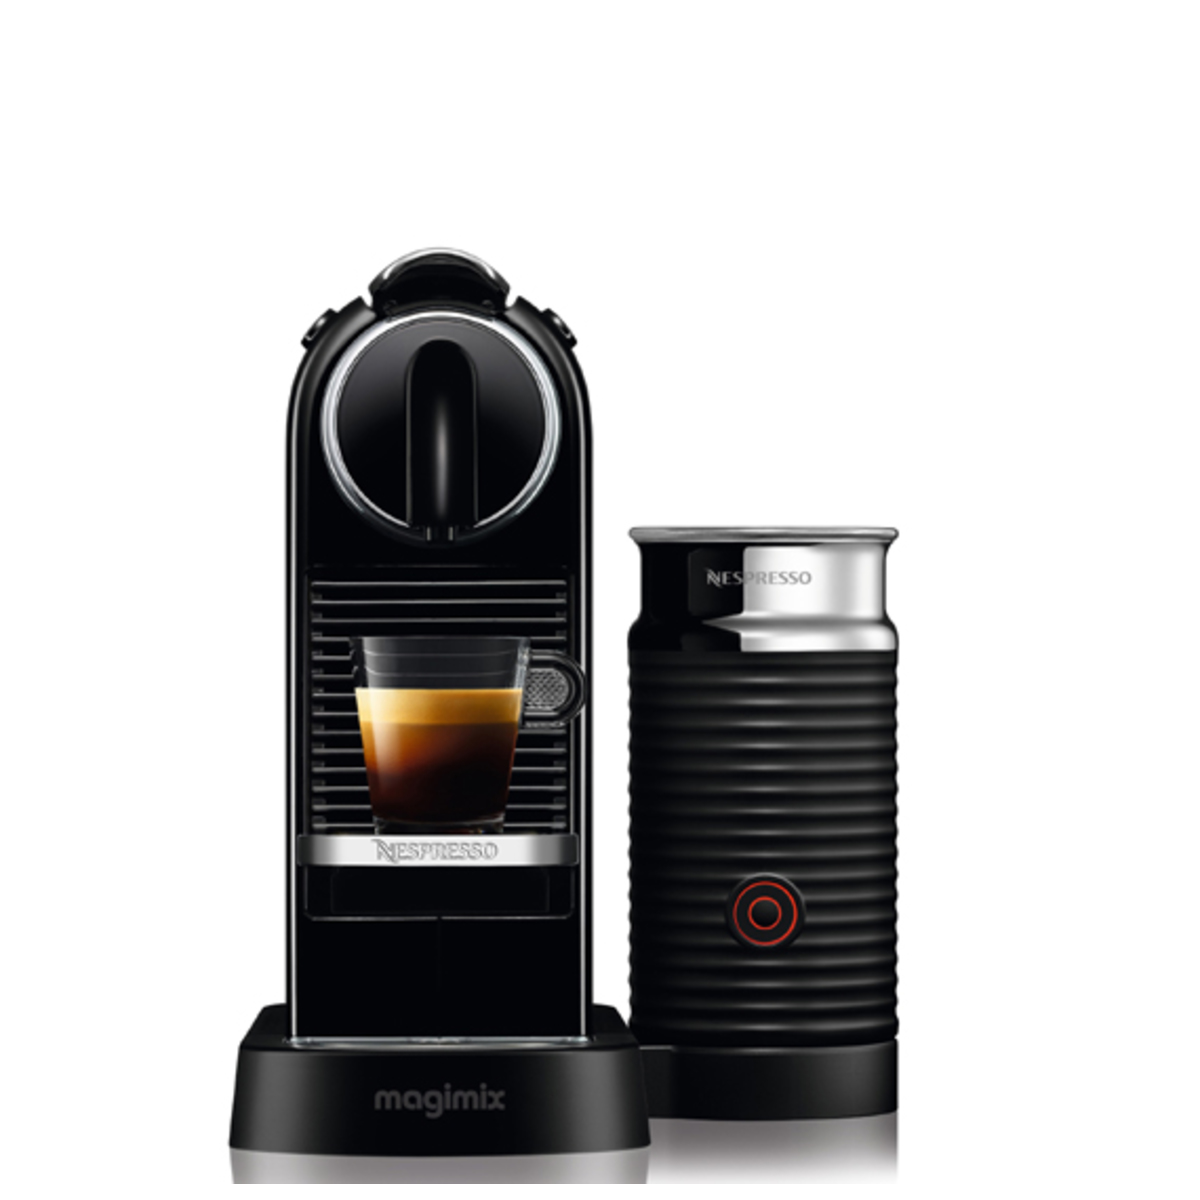 Magimix 11317 BLACK Nespresso CITIZ  Milk Coffee Machine, aeroccino 3, Blk